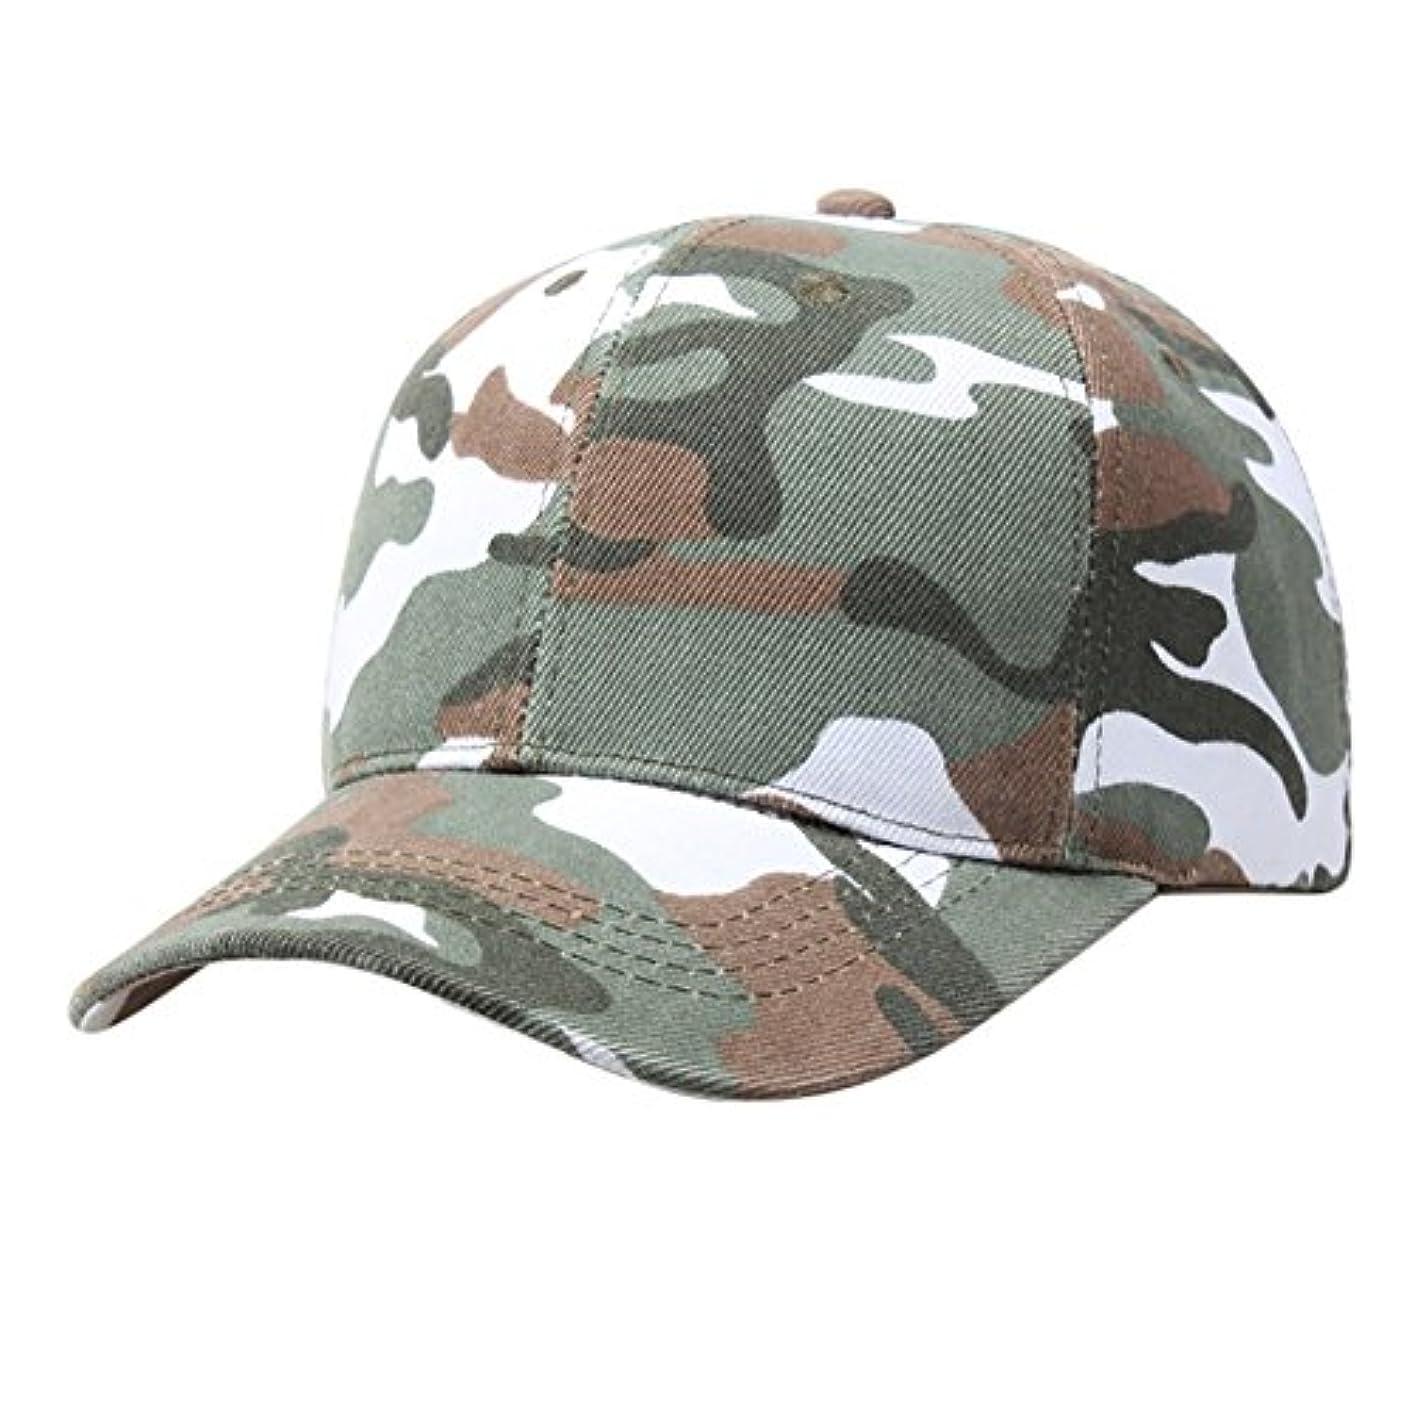 同封するドーム疎外Racazing Cap 迷彩 野球帽 軍用 通気性のある ヒップホップ 帽子 夏 登山 緑 可調整可能 棒球帽 男女兼用 UV 帽子 軽量 屋外 カモフラージュ Unisex Cap (緑)